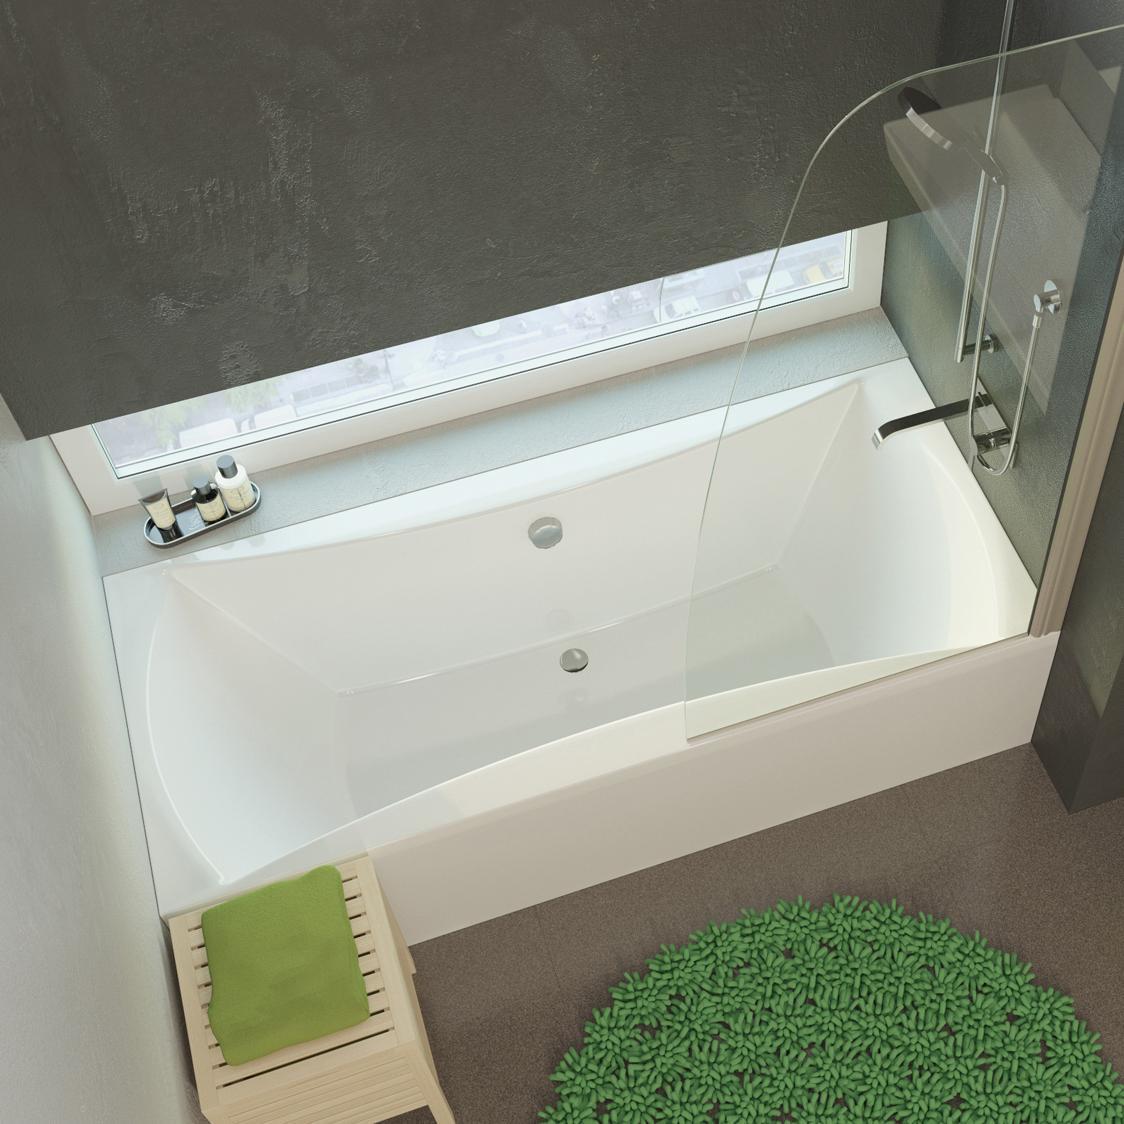 Акриловая ванна Alpen Luna 170x75 без гидромассажа акриловая ванна alpen fontana 170x75 комплект